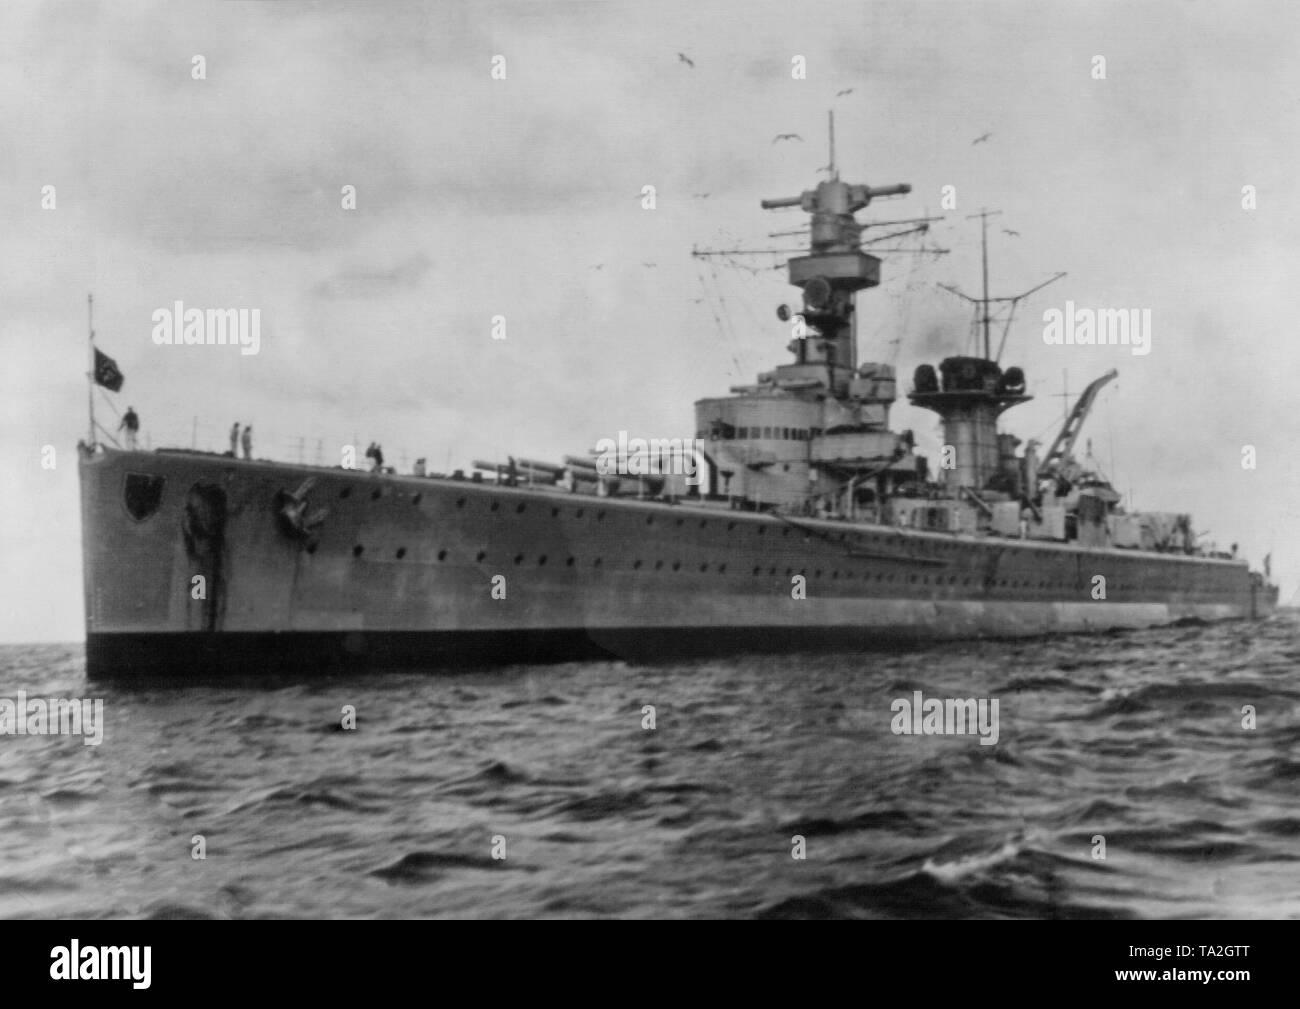 Foto der teilweise zerstörten Heavy Cruiser 'Deutschland' bei der Einfahrt in den Hafen von Wilhelmshaven an der Nordsee im Juni 1937. Die navy Battle Flag weht an der Vorderseite des Bogens. Dahinter, den Turm mit drei Gun Barrel (Kaliber 28 cm). Stockbild